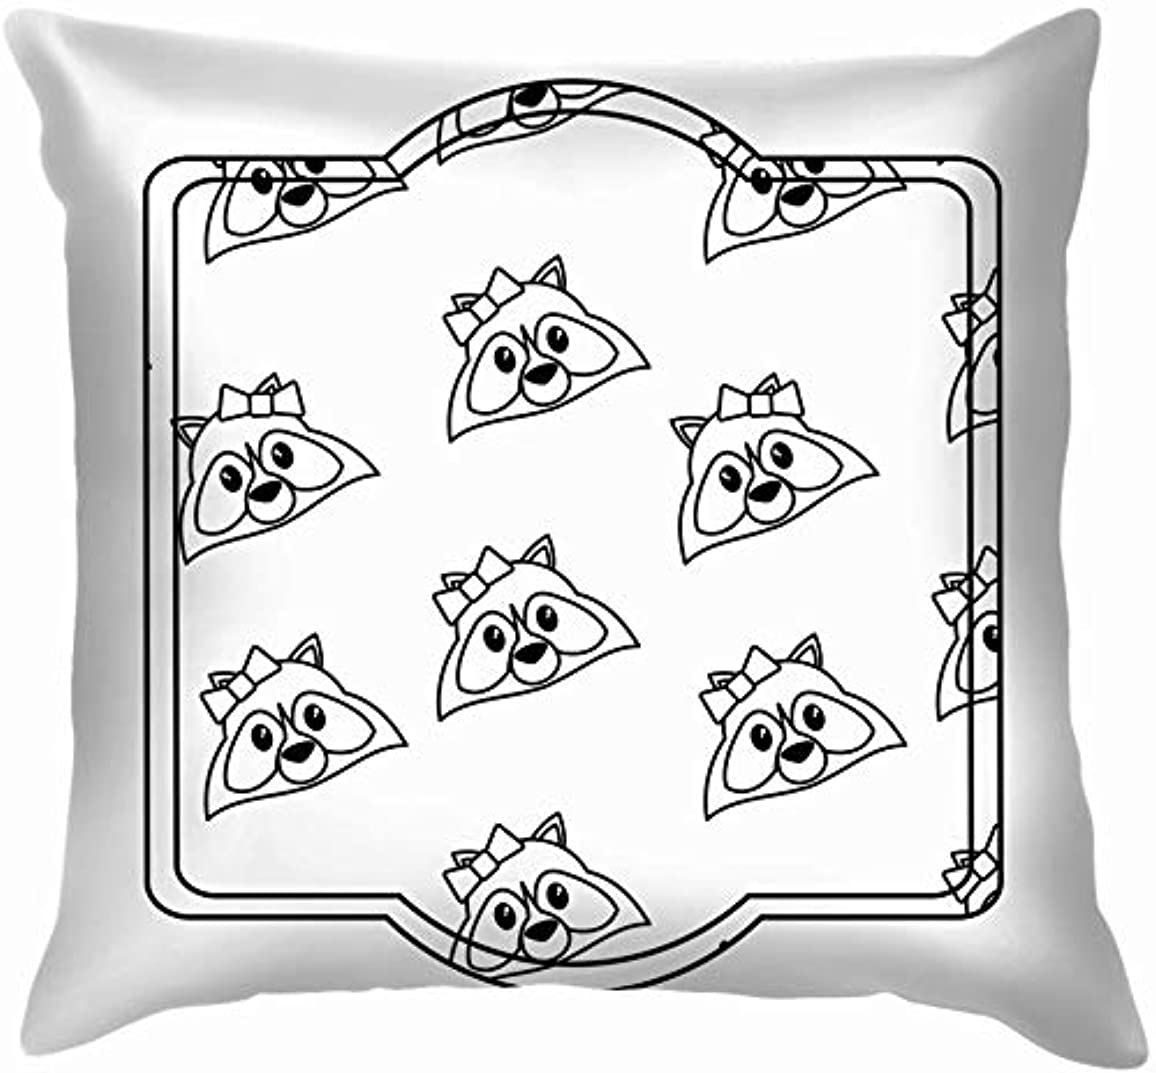 好奇心健全ブリークアライグマ漫画フレーム動物野生動物愛らしいスロー枕カバーホームソファクッションカバー枕ギフト45×45センチ